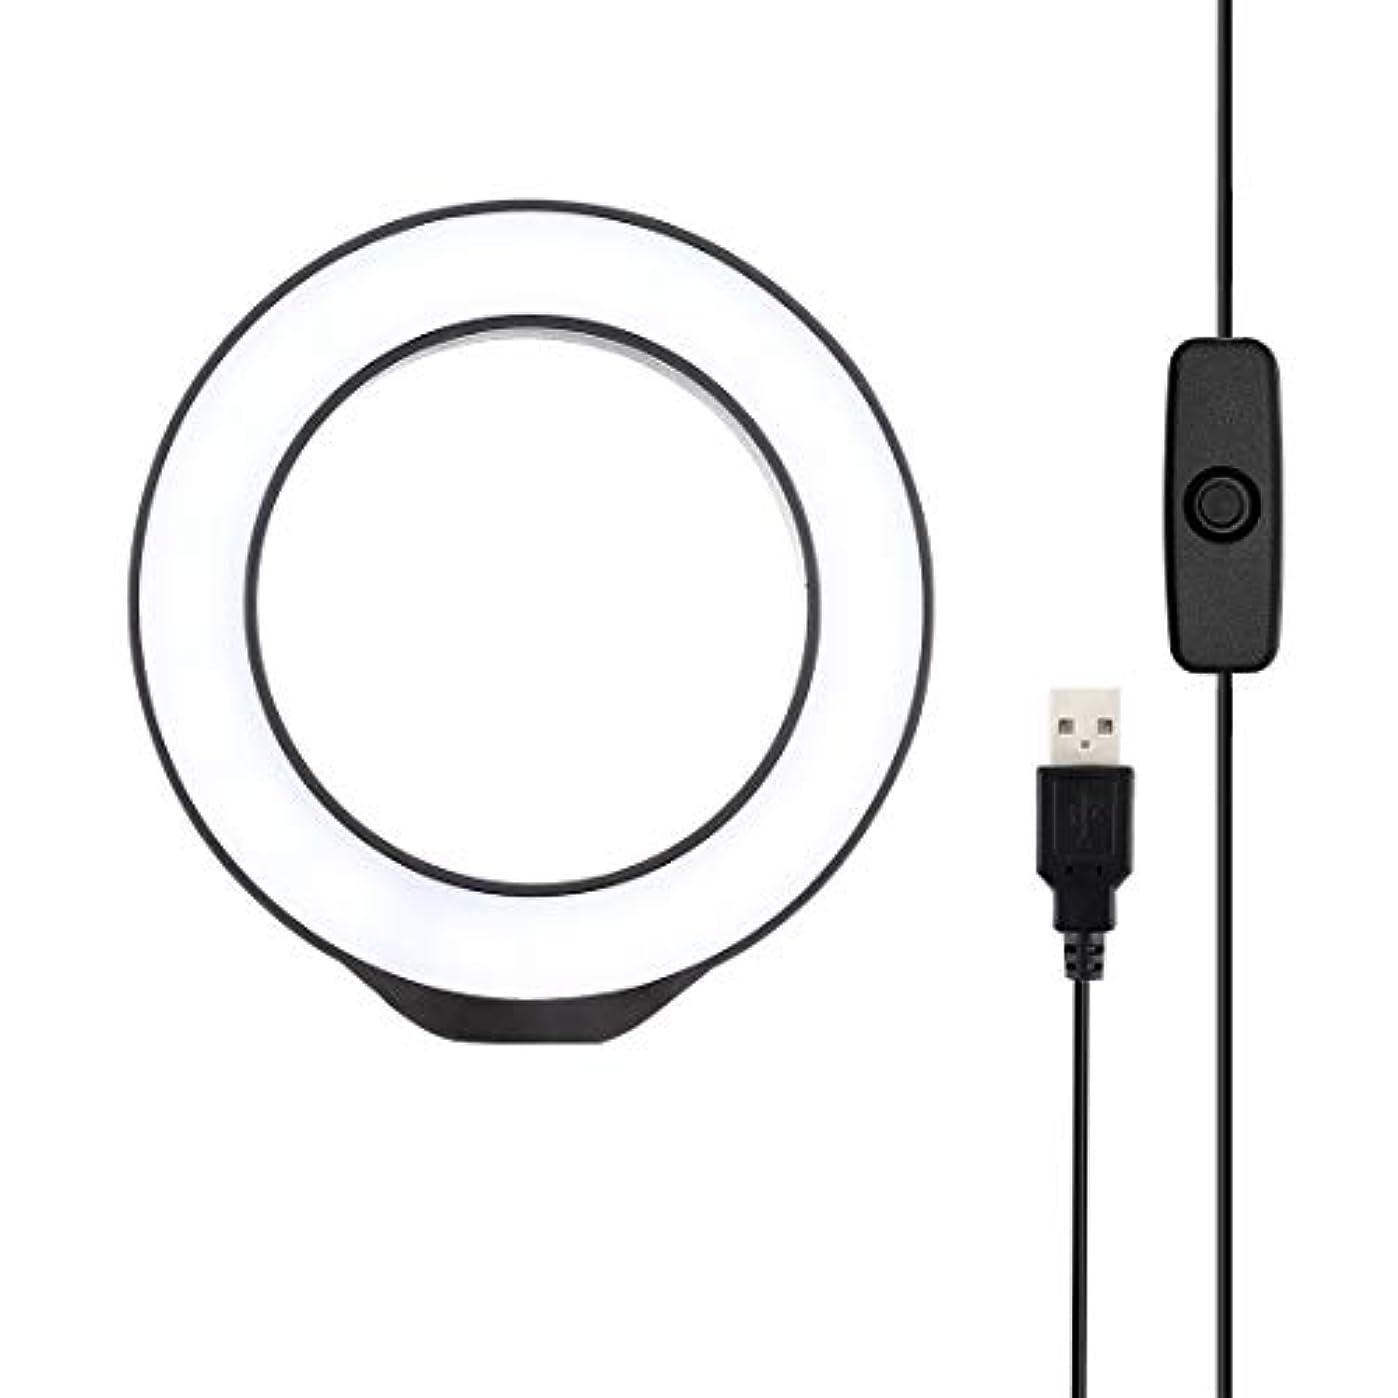 リフト司書忠実YMF 4.7インチ12センチメートルのUSBホワイトライトLEDリングVlogging写真ビデオライト (色 : Black)